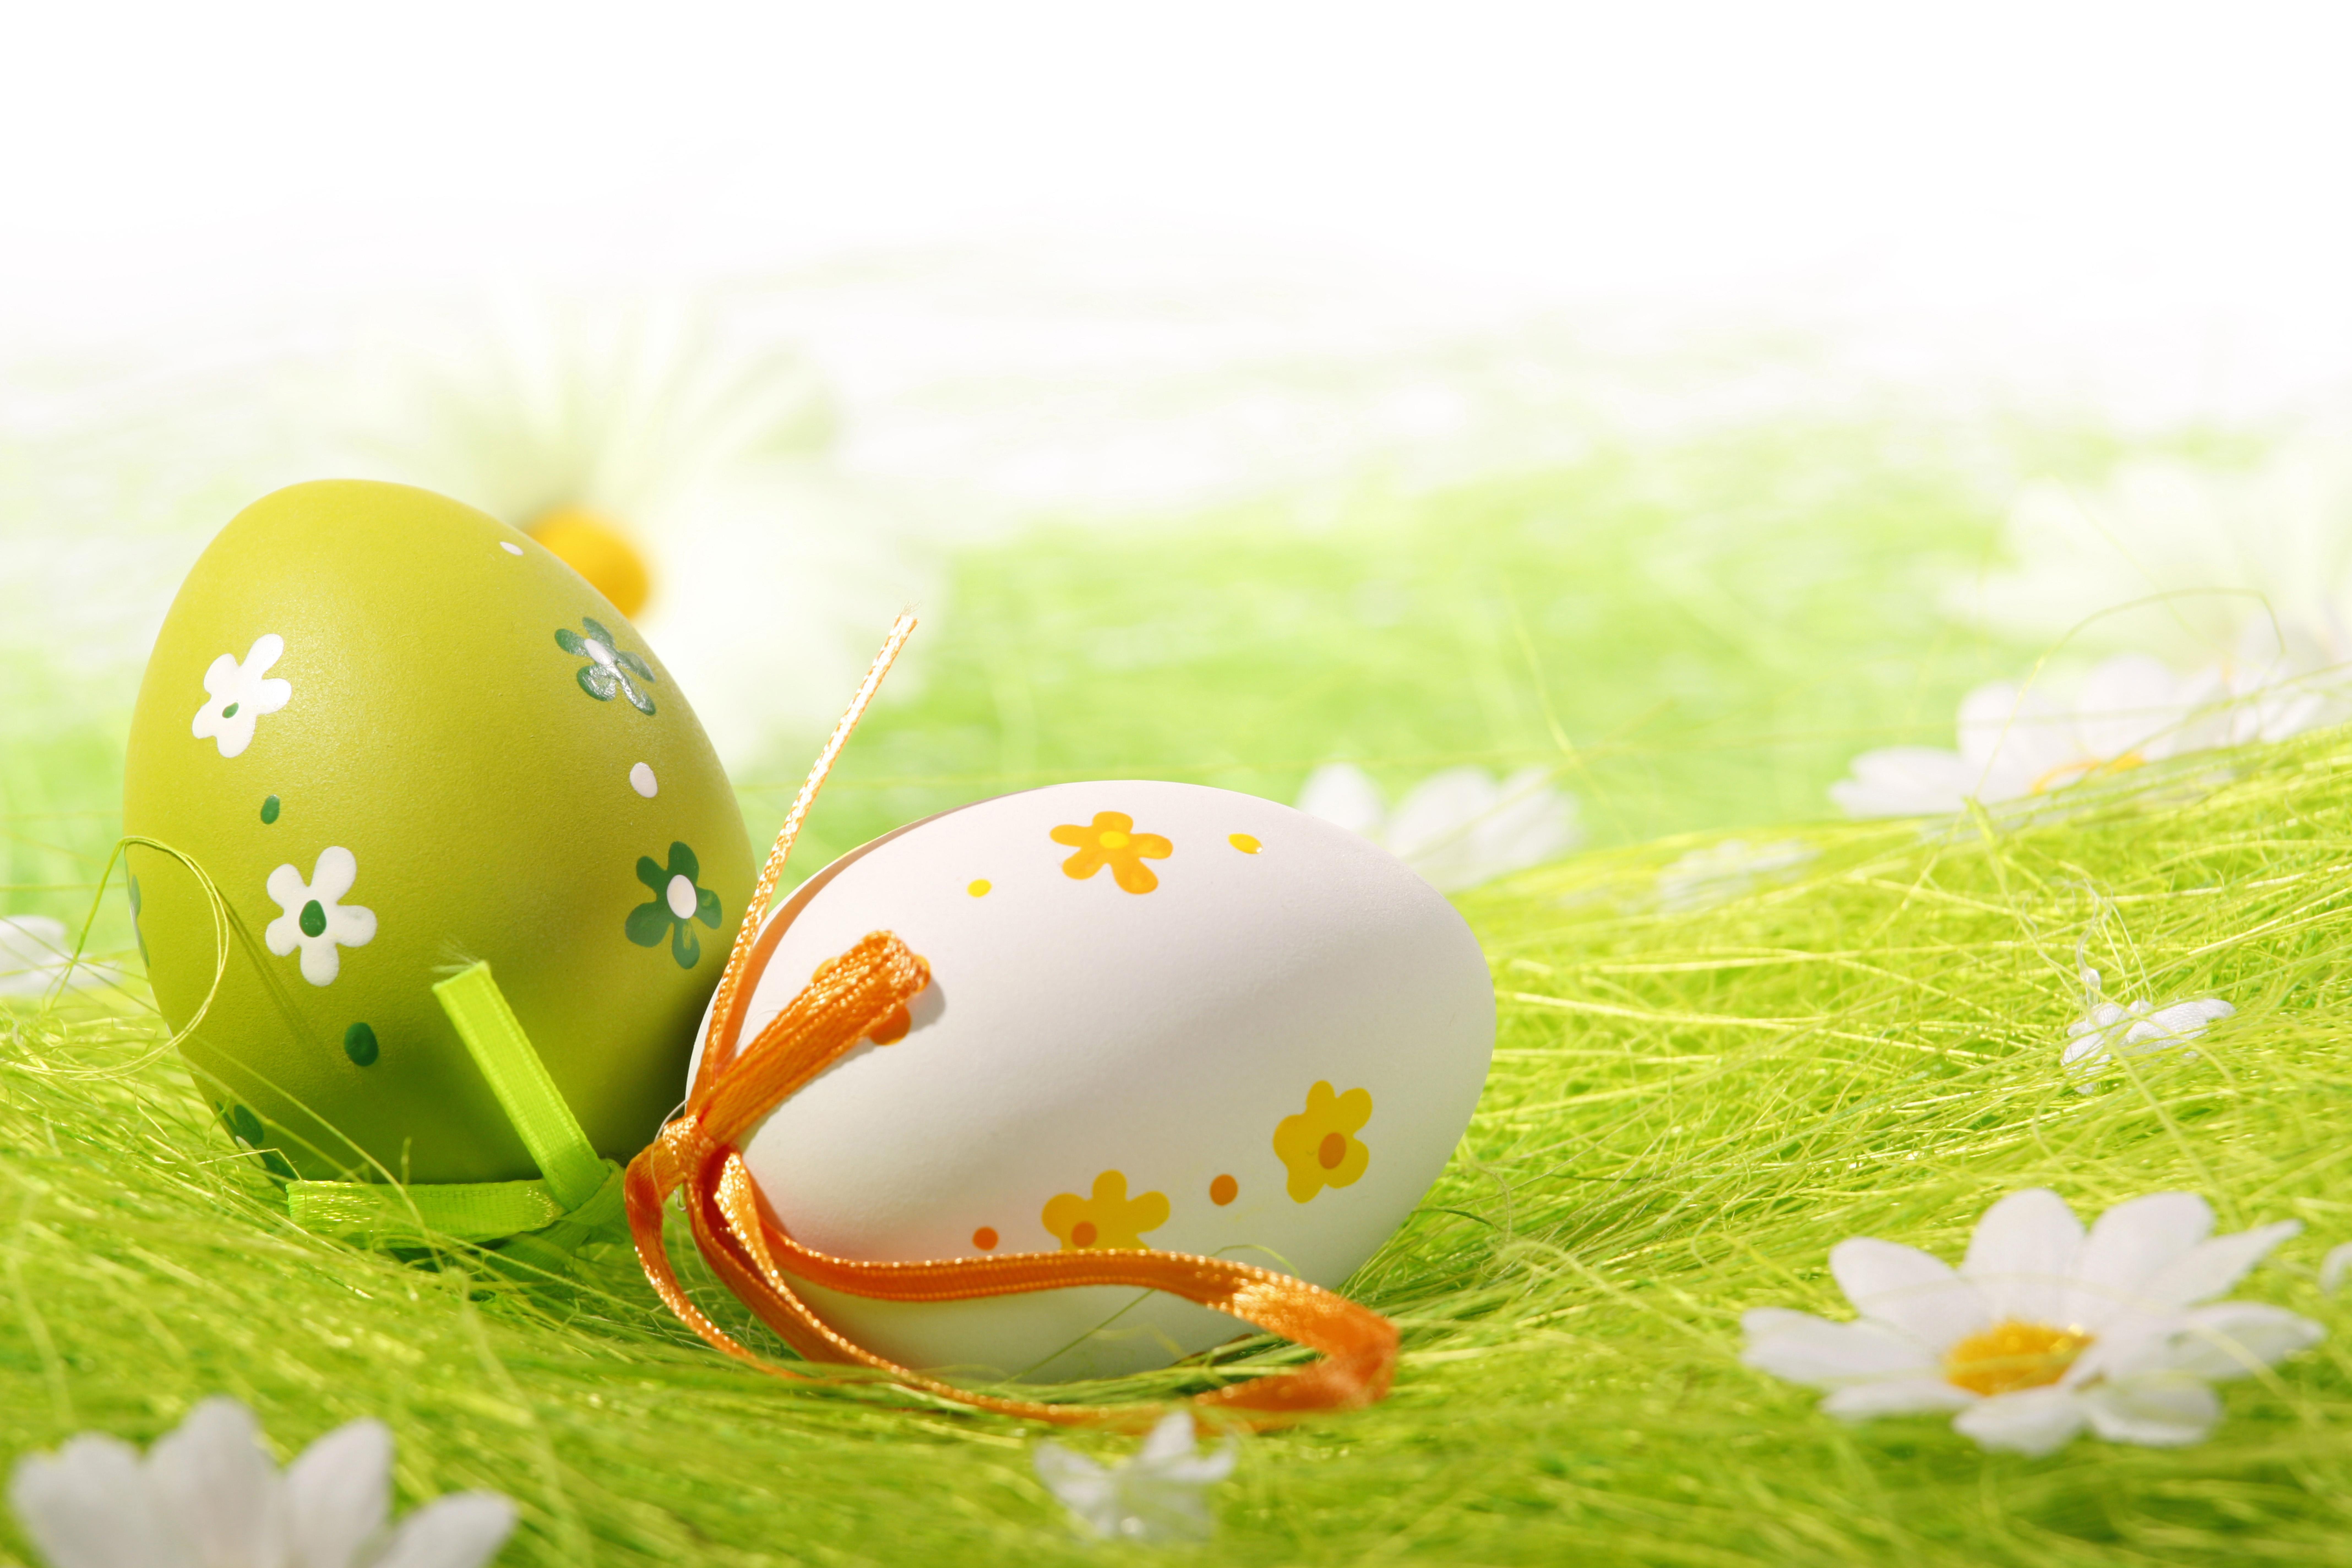 природа цветы яйца праздники яйца без смс